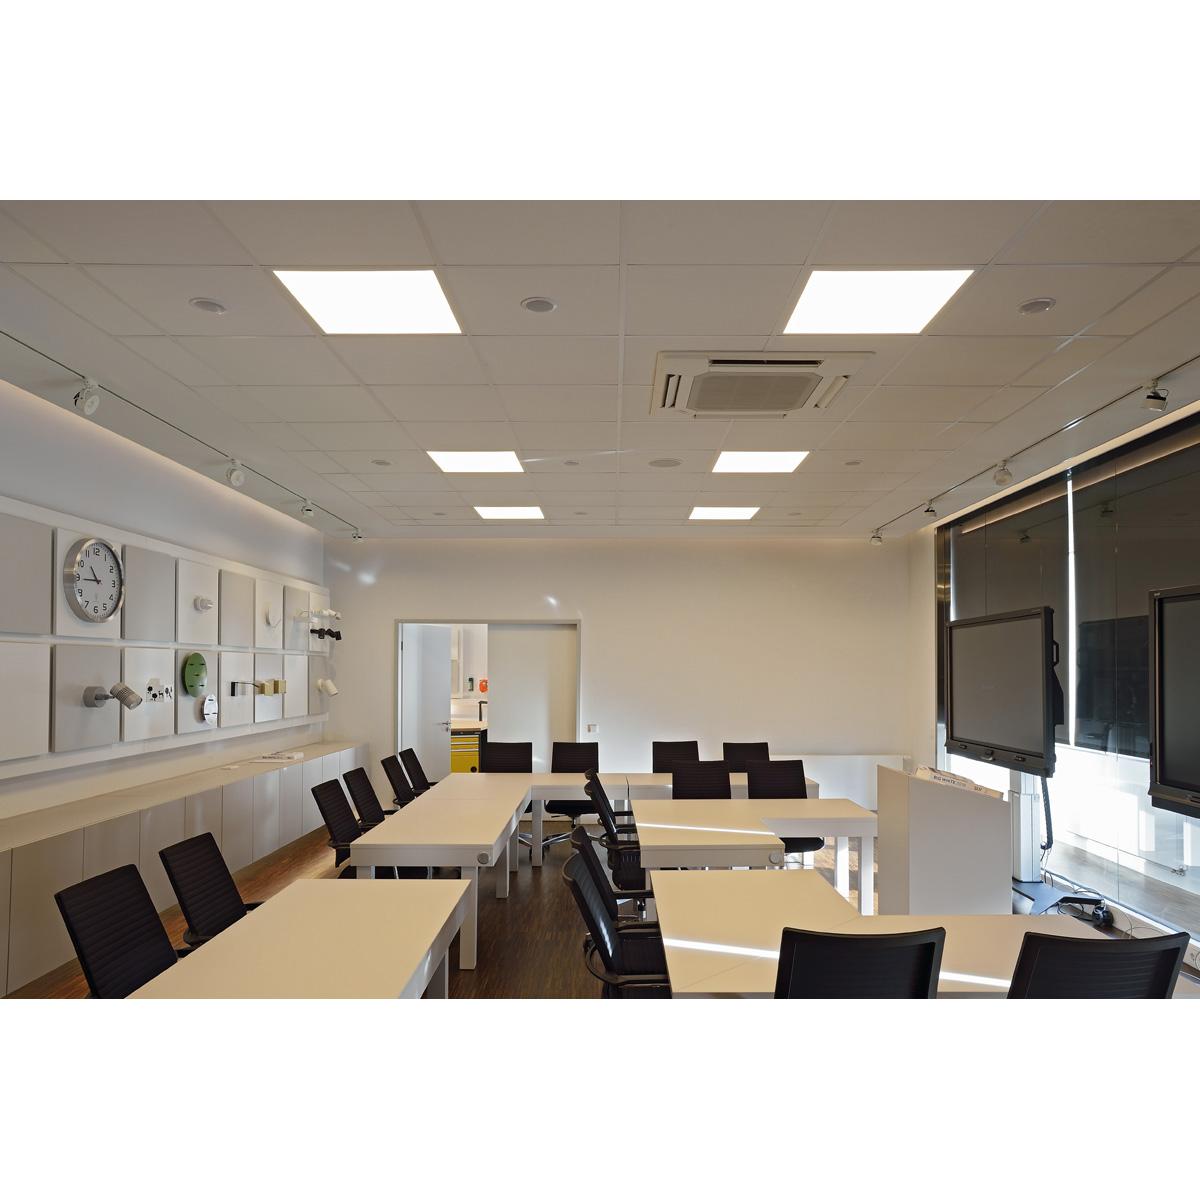 slv led panel deckeneinbauleuchte wei 230v 3000k 595x595mm g nstig online kaufen bei. Black Bedroom Furniture Sets. Home Design Ideas